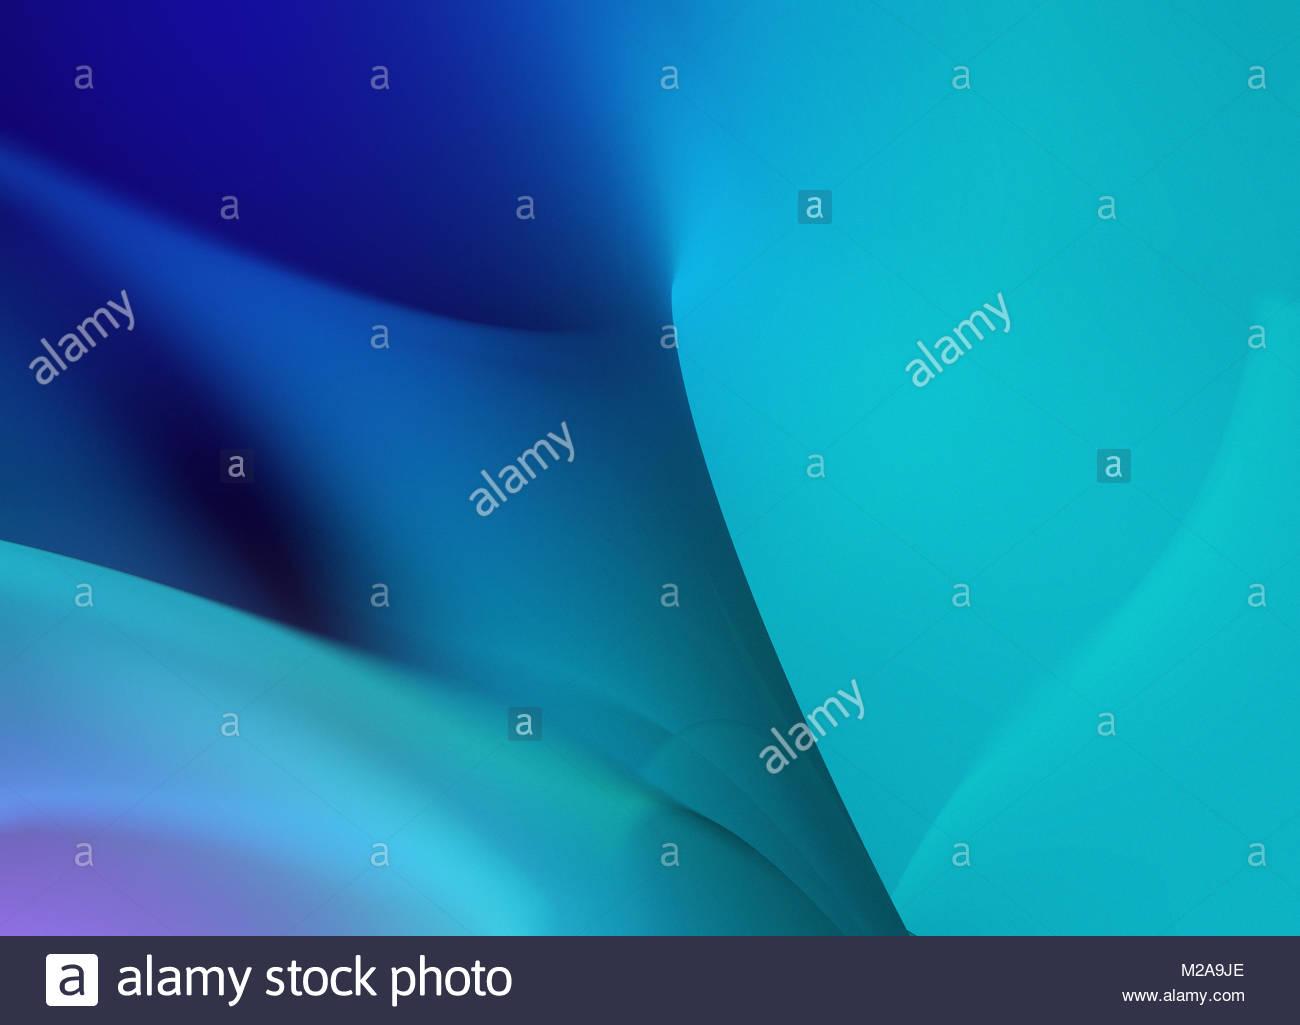 Abstract gli sfondi blu pattern Immagini Stock